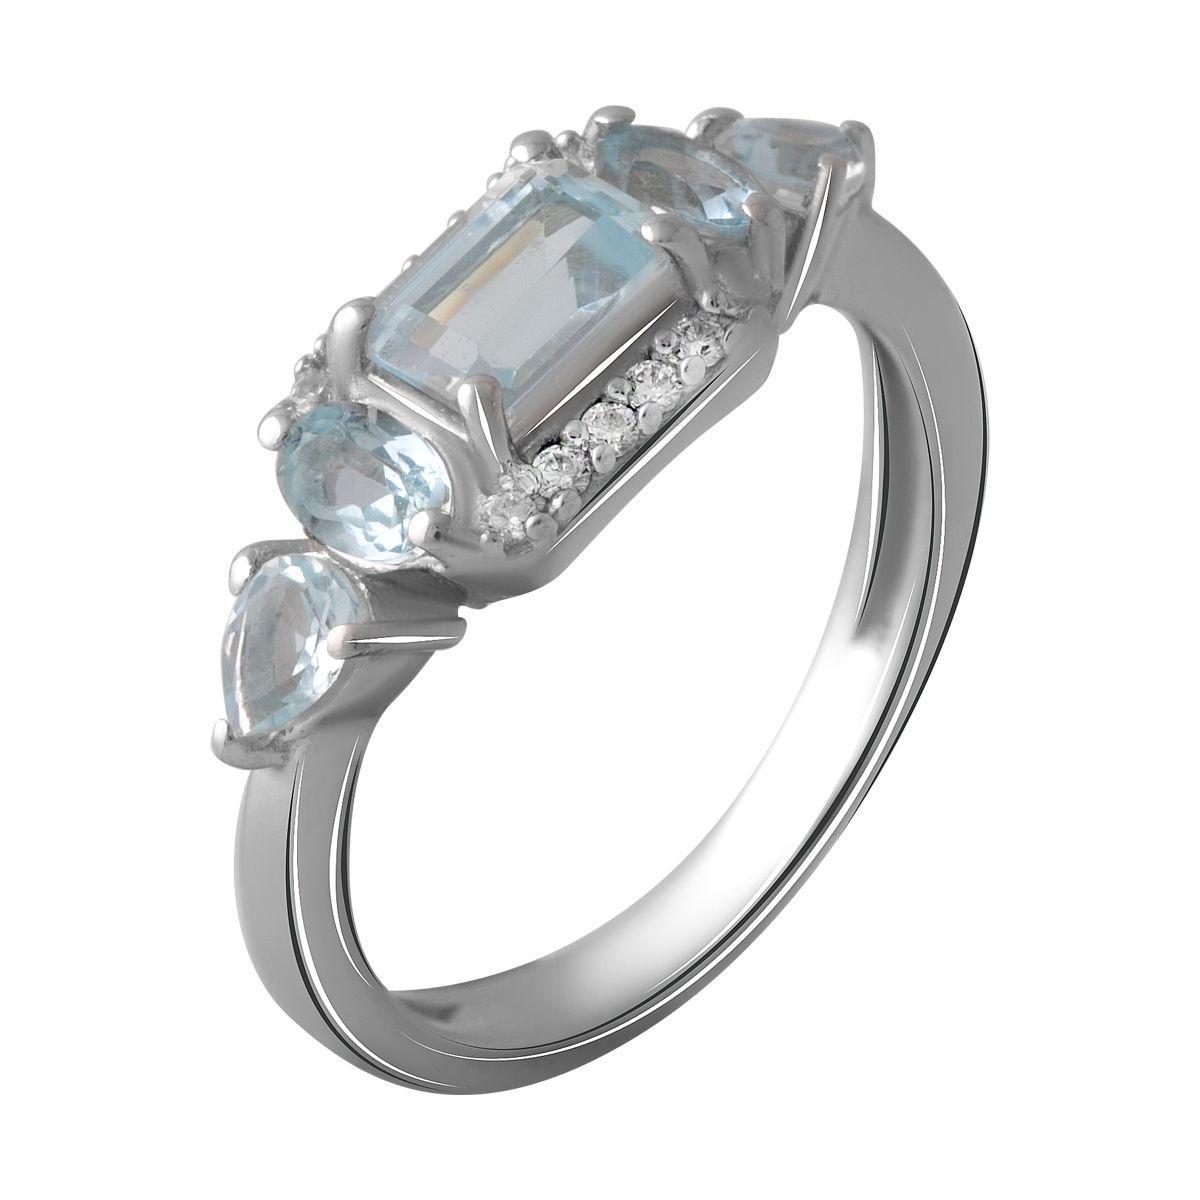 Серебряное кольцо pSilverAlex с натуральным топазом 1.68ct (2058977) 18 размер